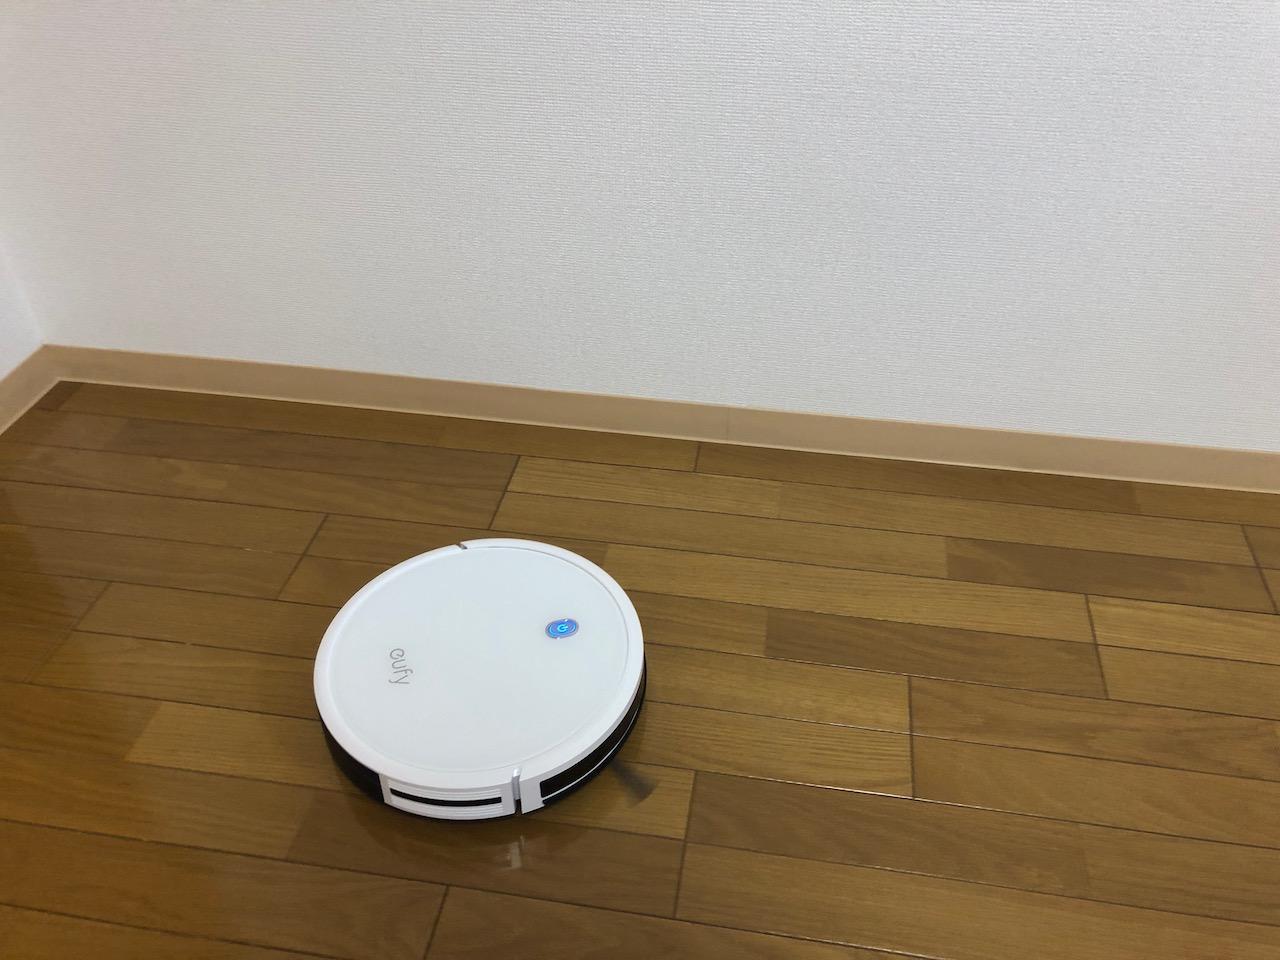 静か!ルンバの時代は終わった?格安のEufy RoboVac 11Sというロボット掃除機を買ってみた!お馴染みのAnker製品だぜ